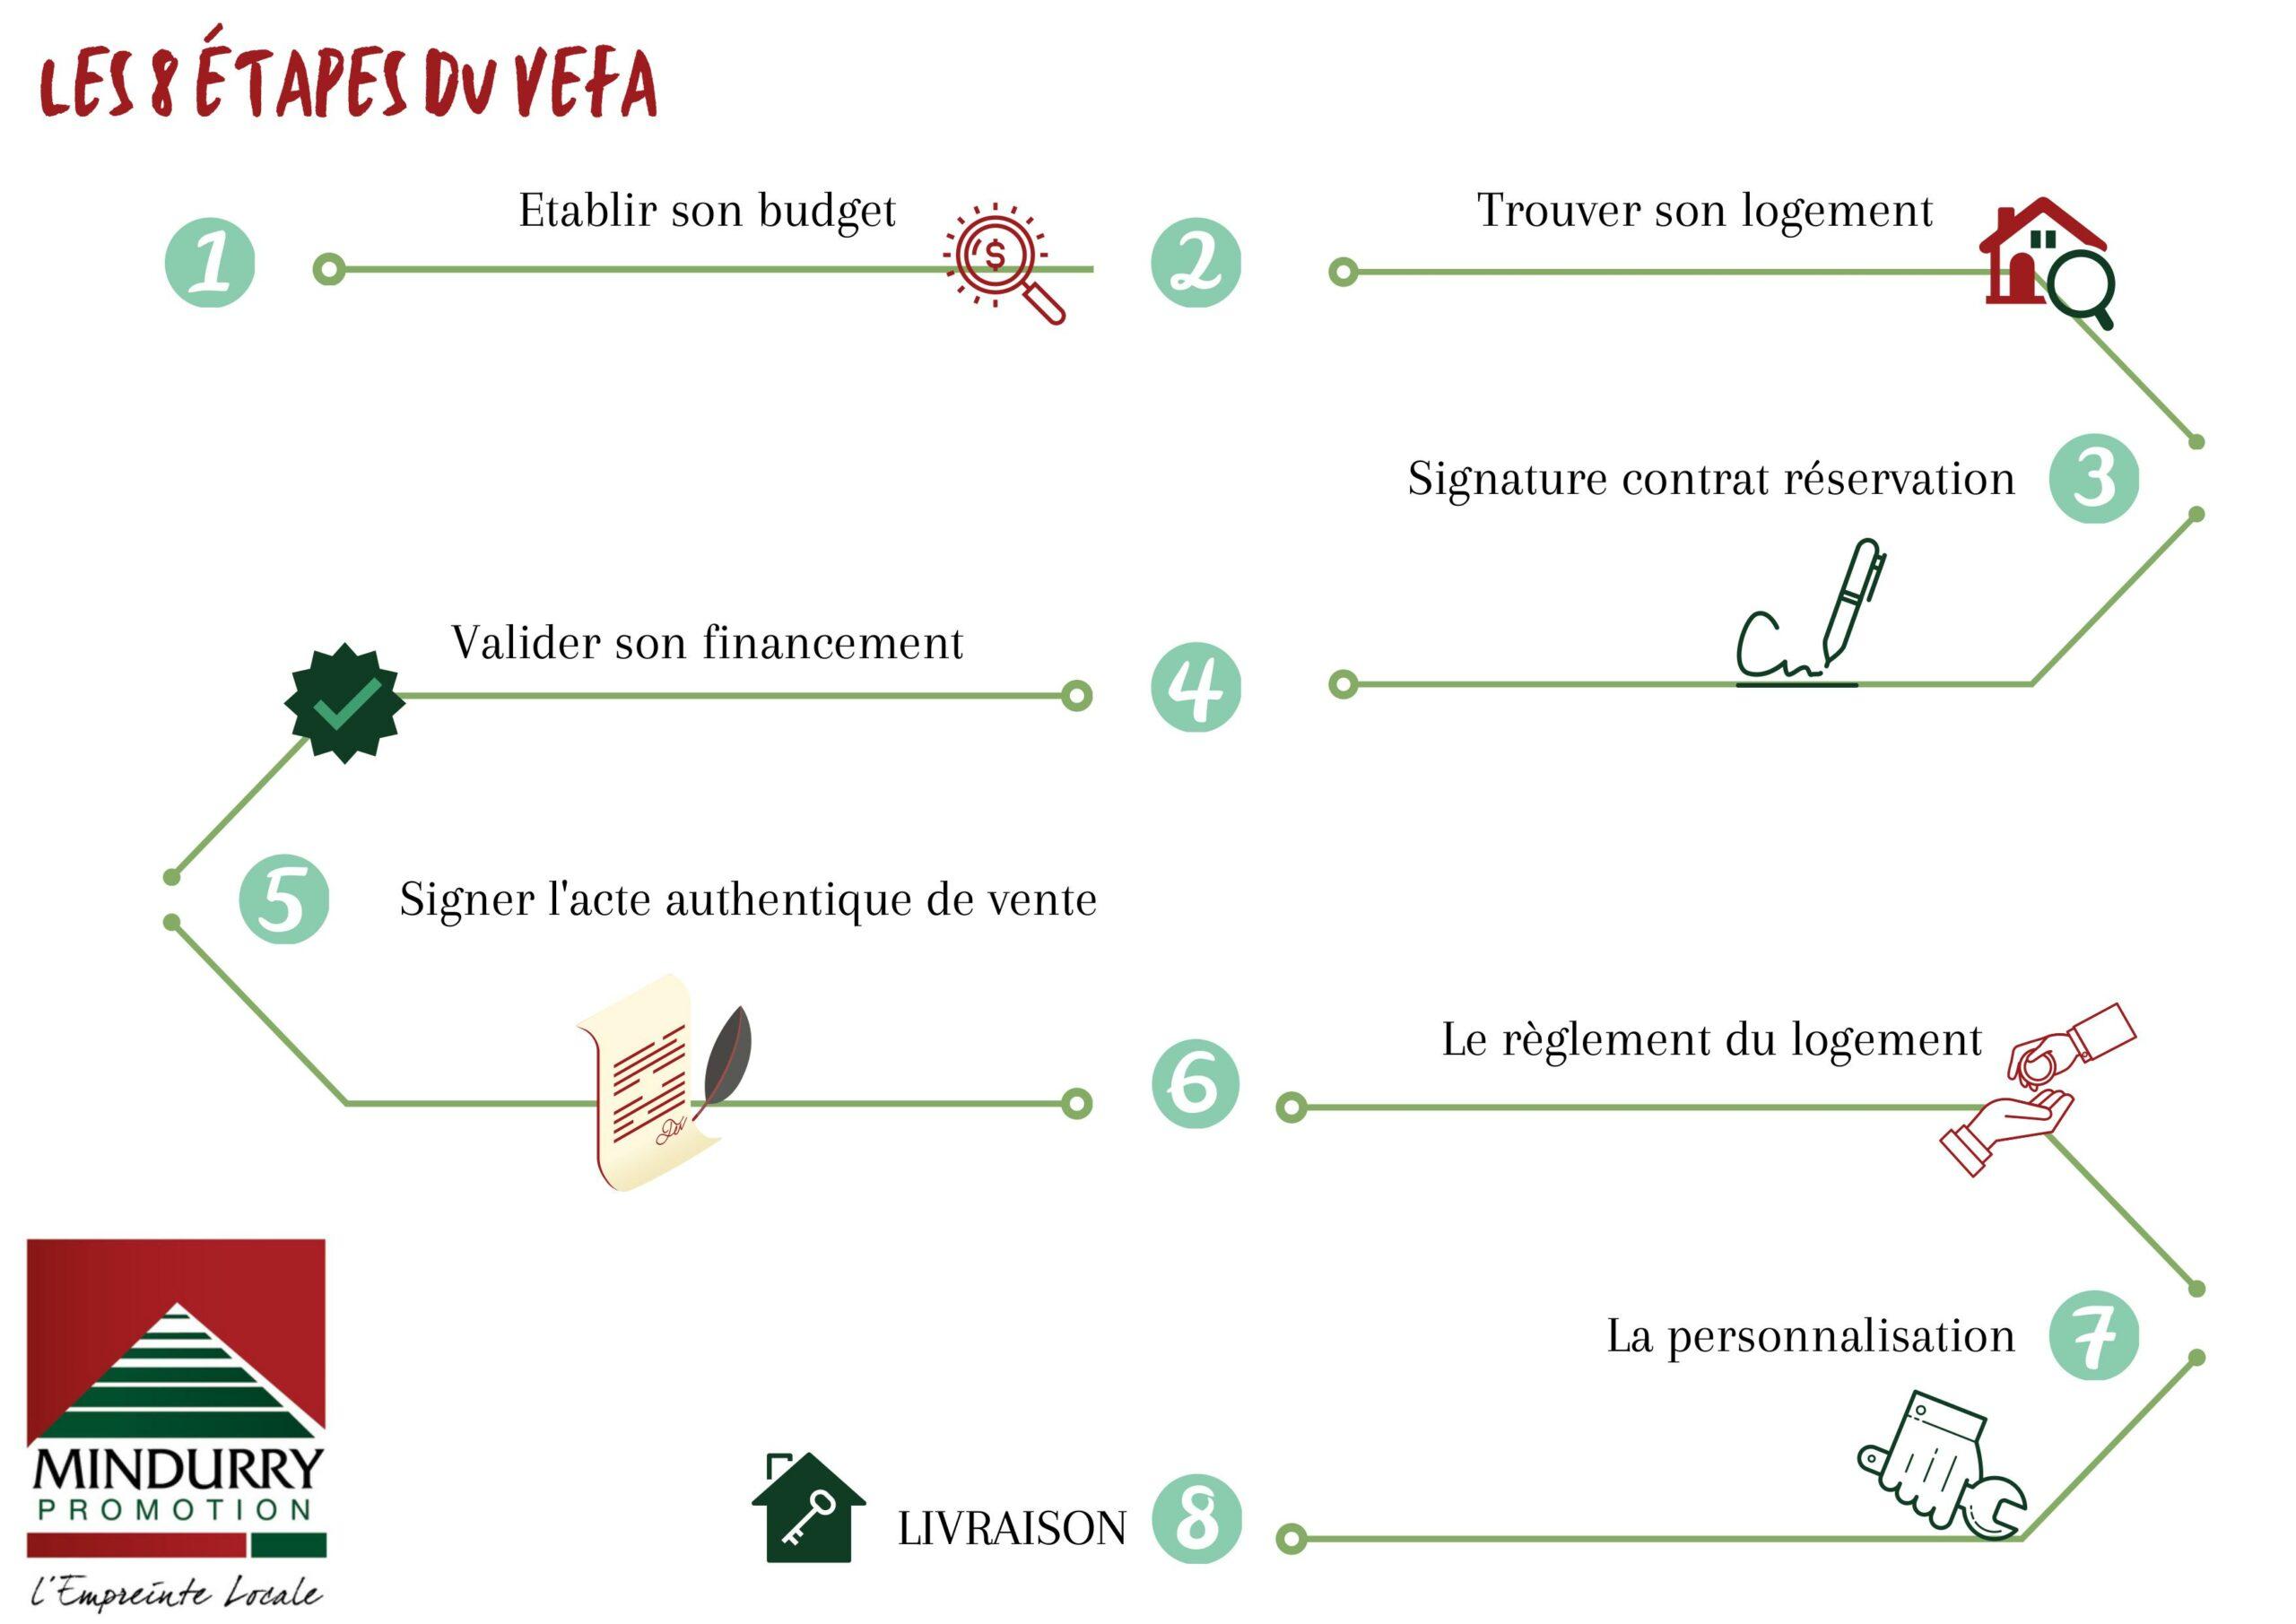 Les étapes de l'achat dans le neuf (VEFA)